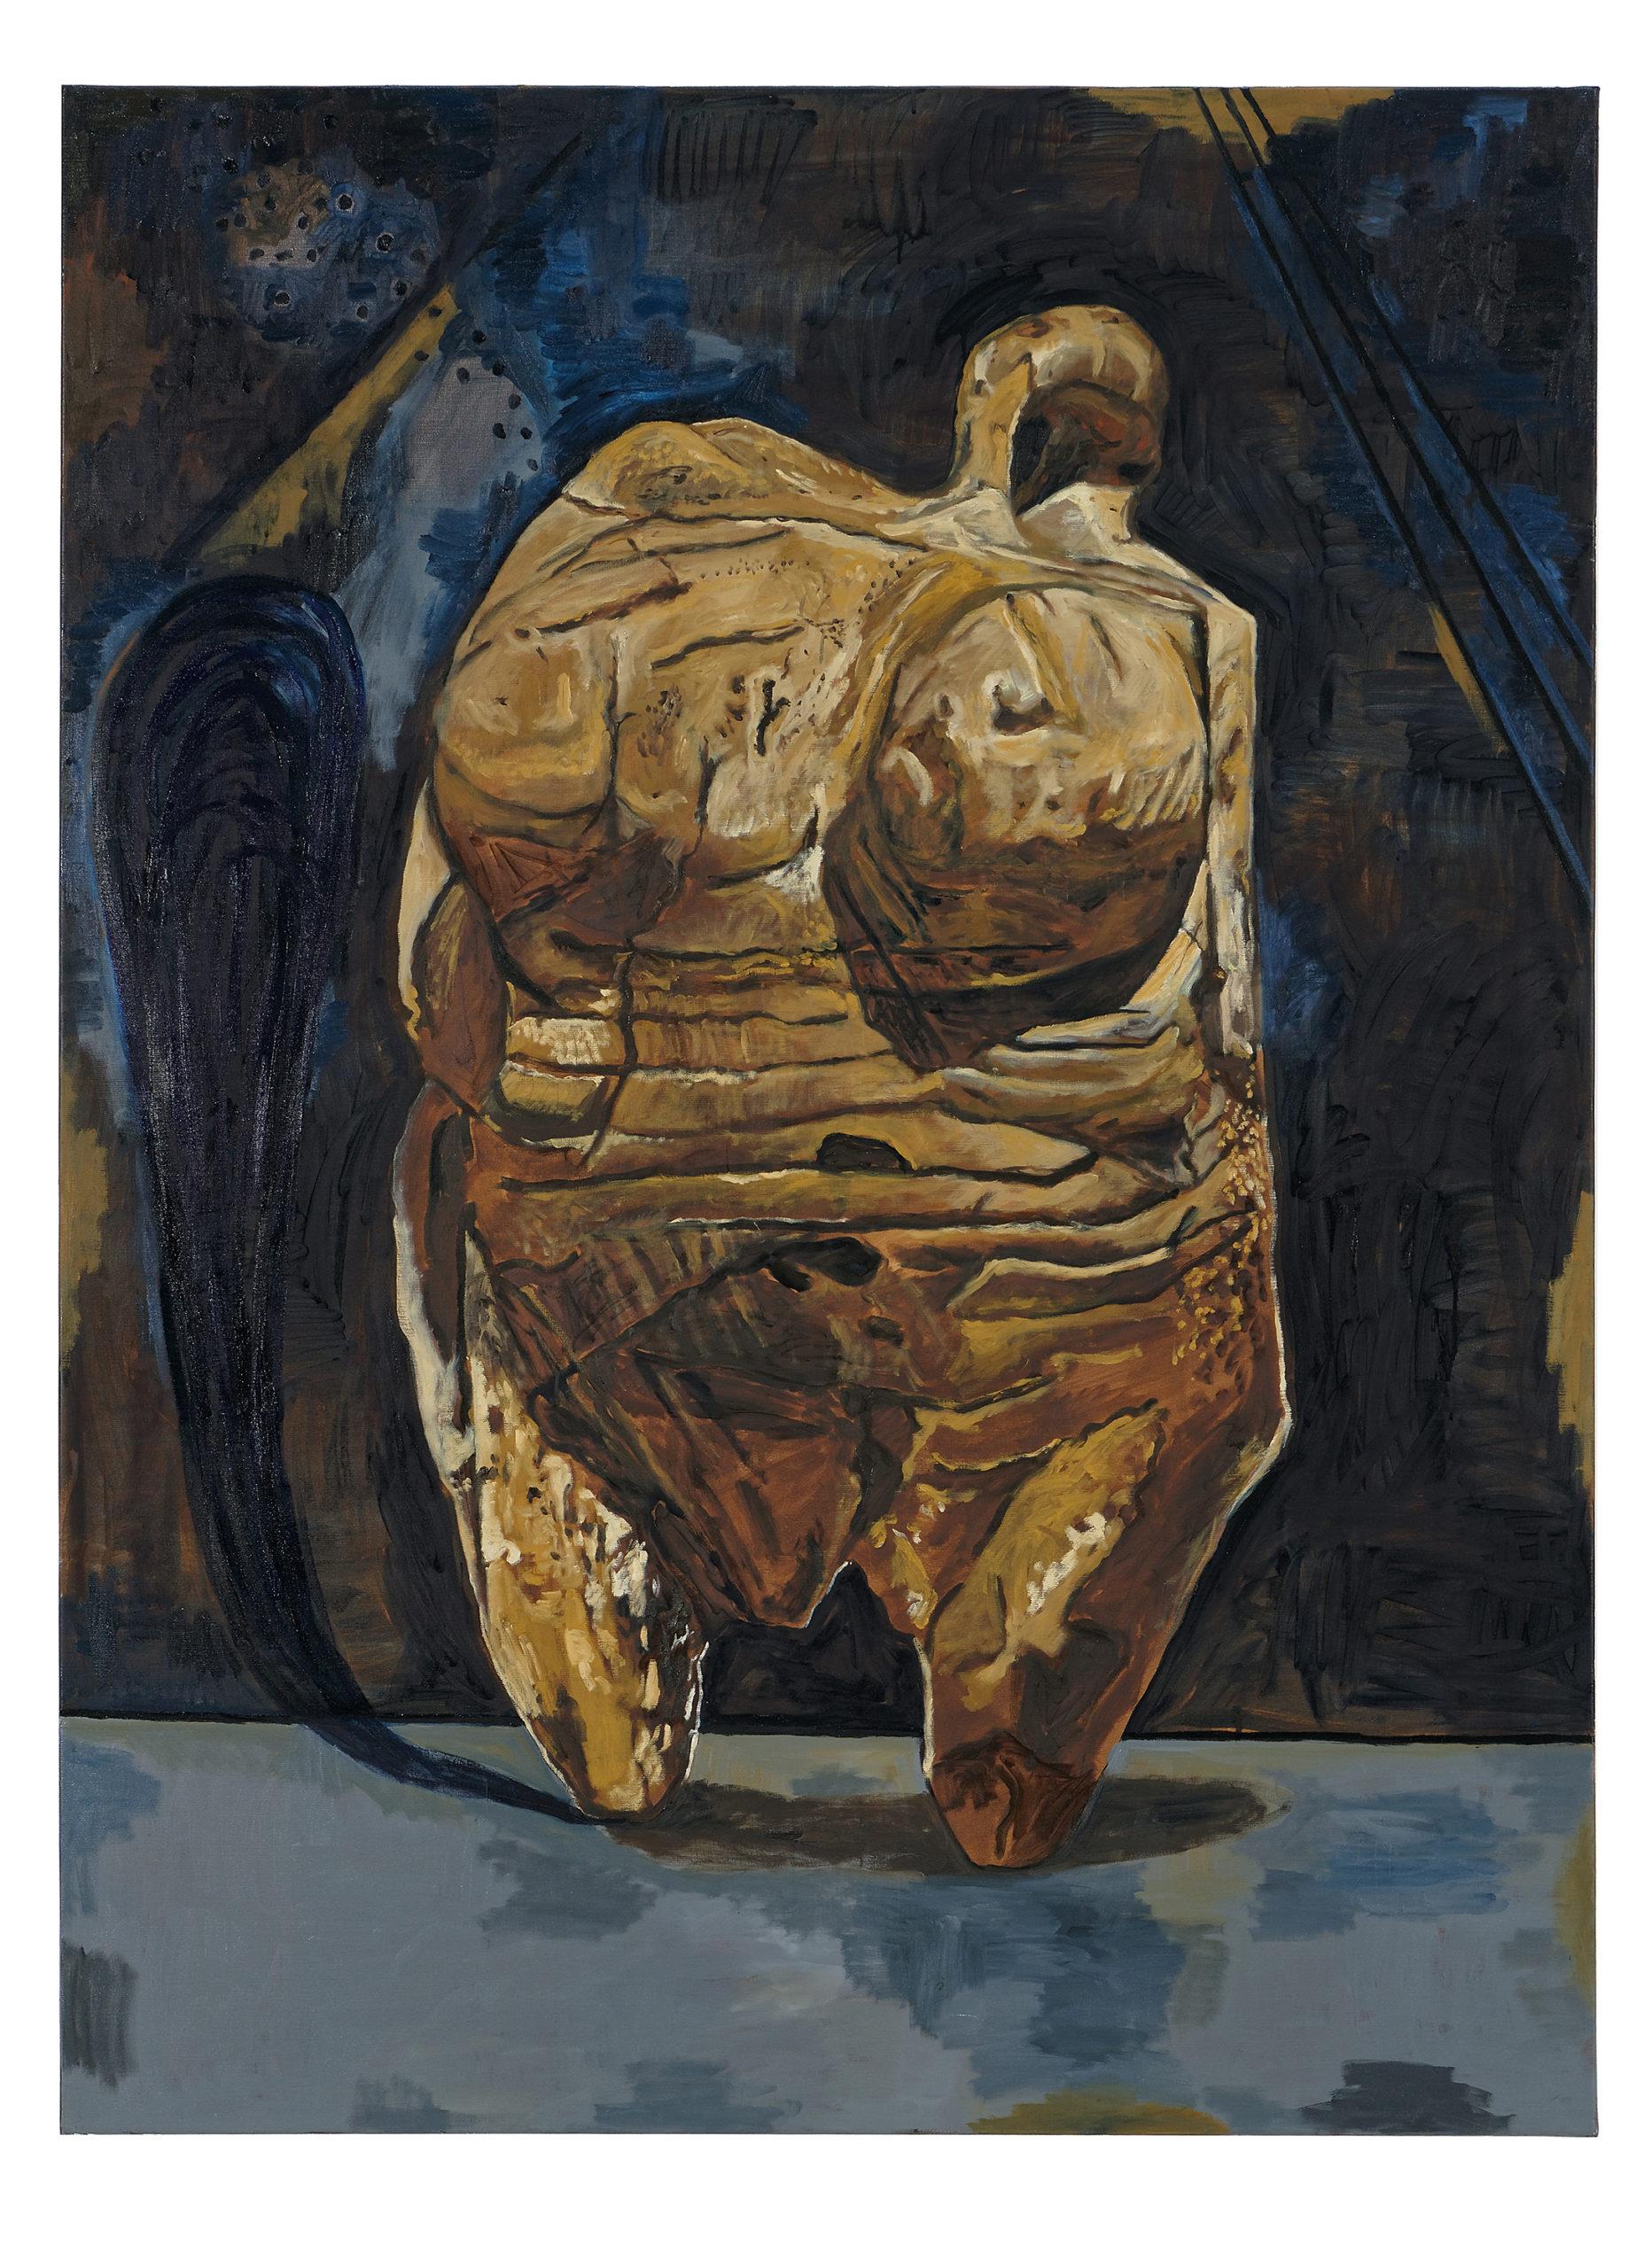 Damien Deroubaix, Mutti, 2018, 200 x 150 cm © Blaise Adilon, MAMC+ Saint-Etienne : Adagp, Paris, 2020, courtesy de l'artiste et galerie In Situ – fabienne leclerc, Grand Paris